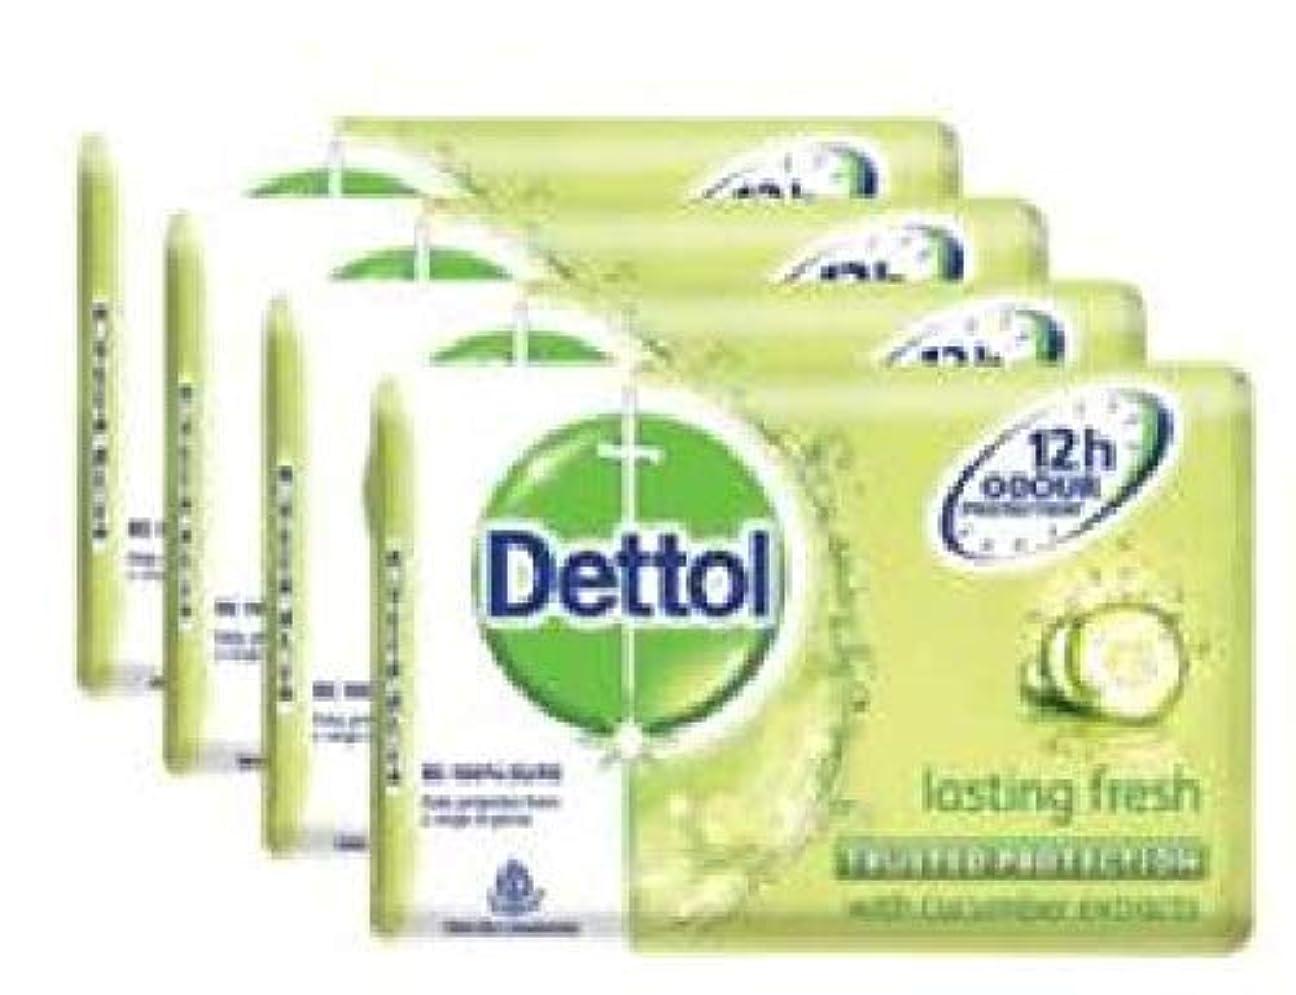 形成展示会豊富にDettol 新鮮4x105g-を持続固形石鹸は、あなたが自由生殖続け、石鹸は肌にもとても優しいです